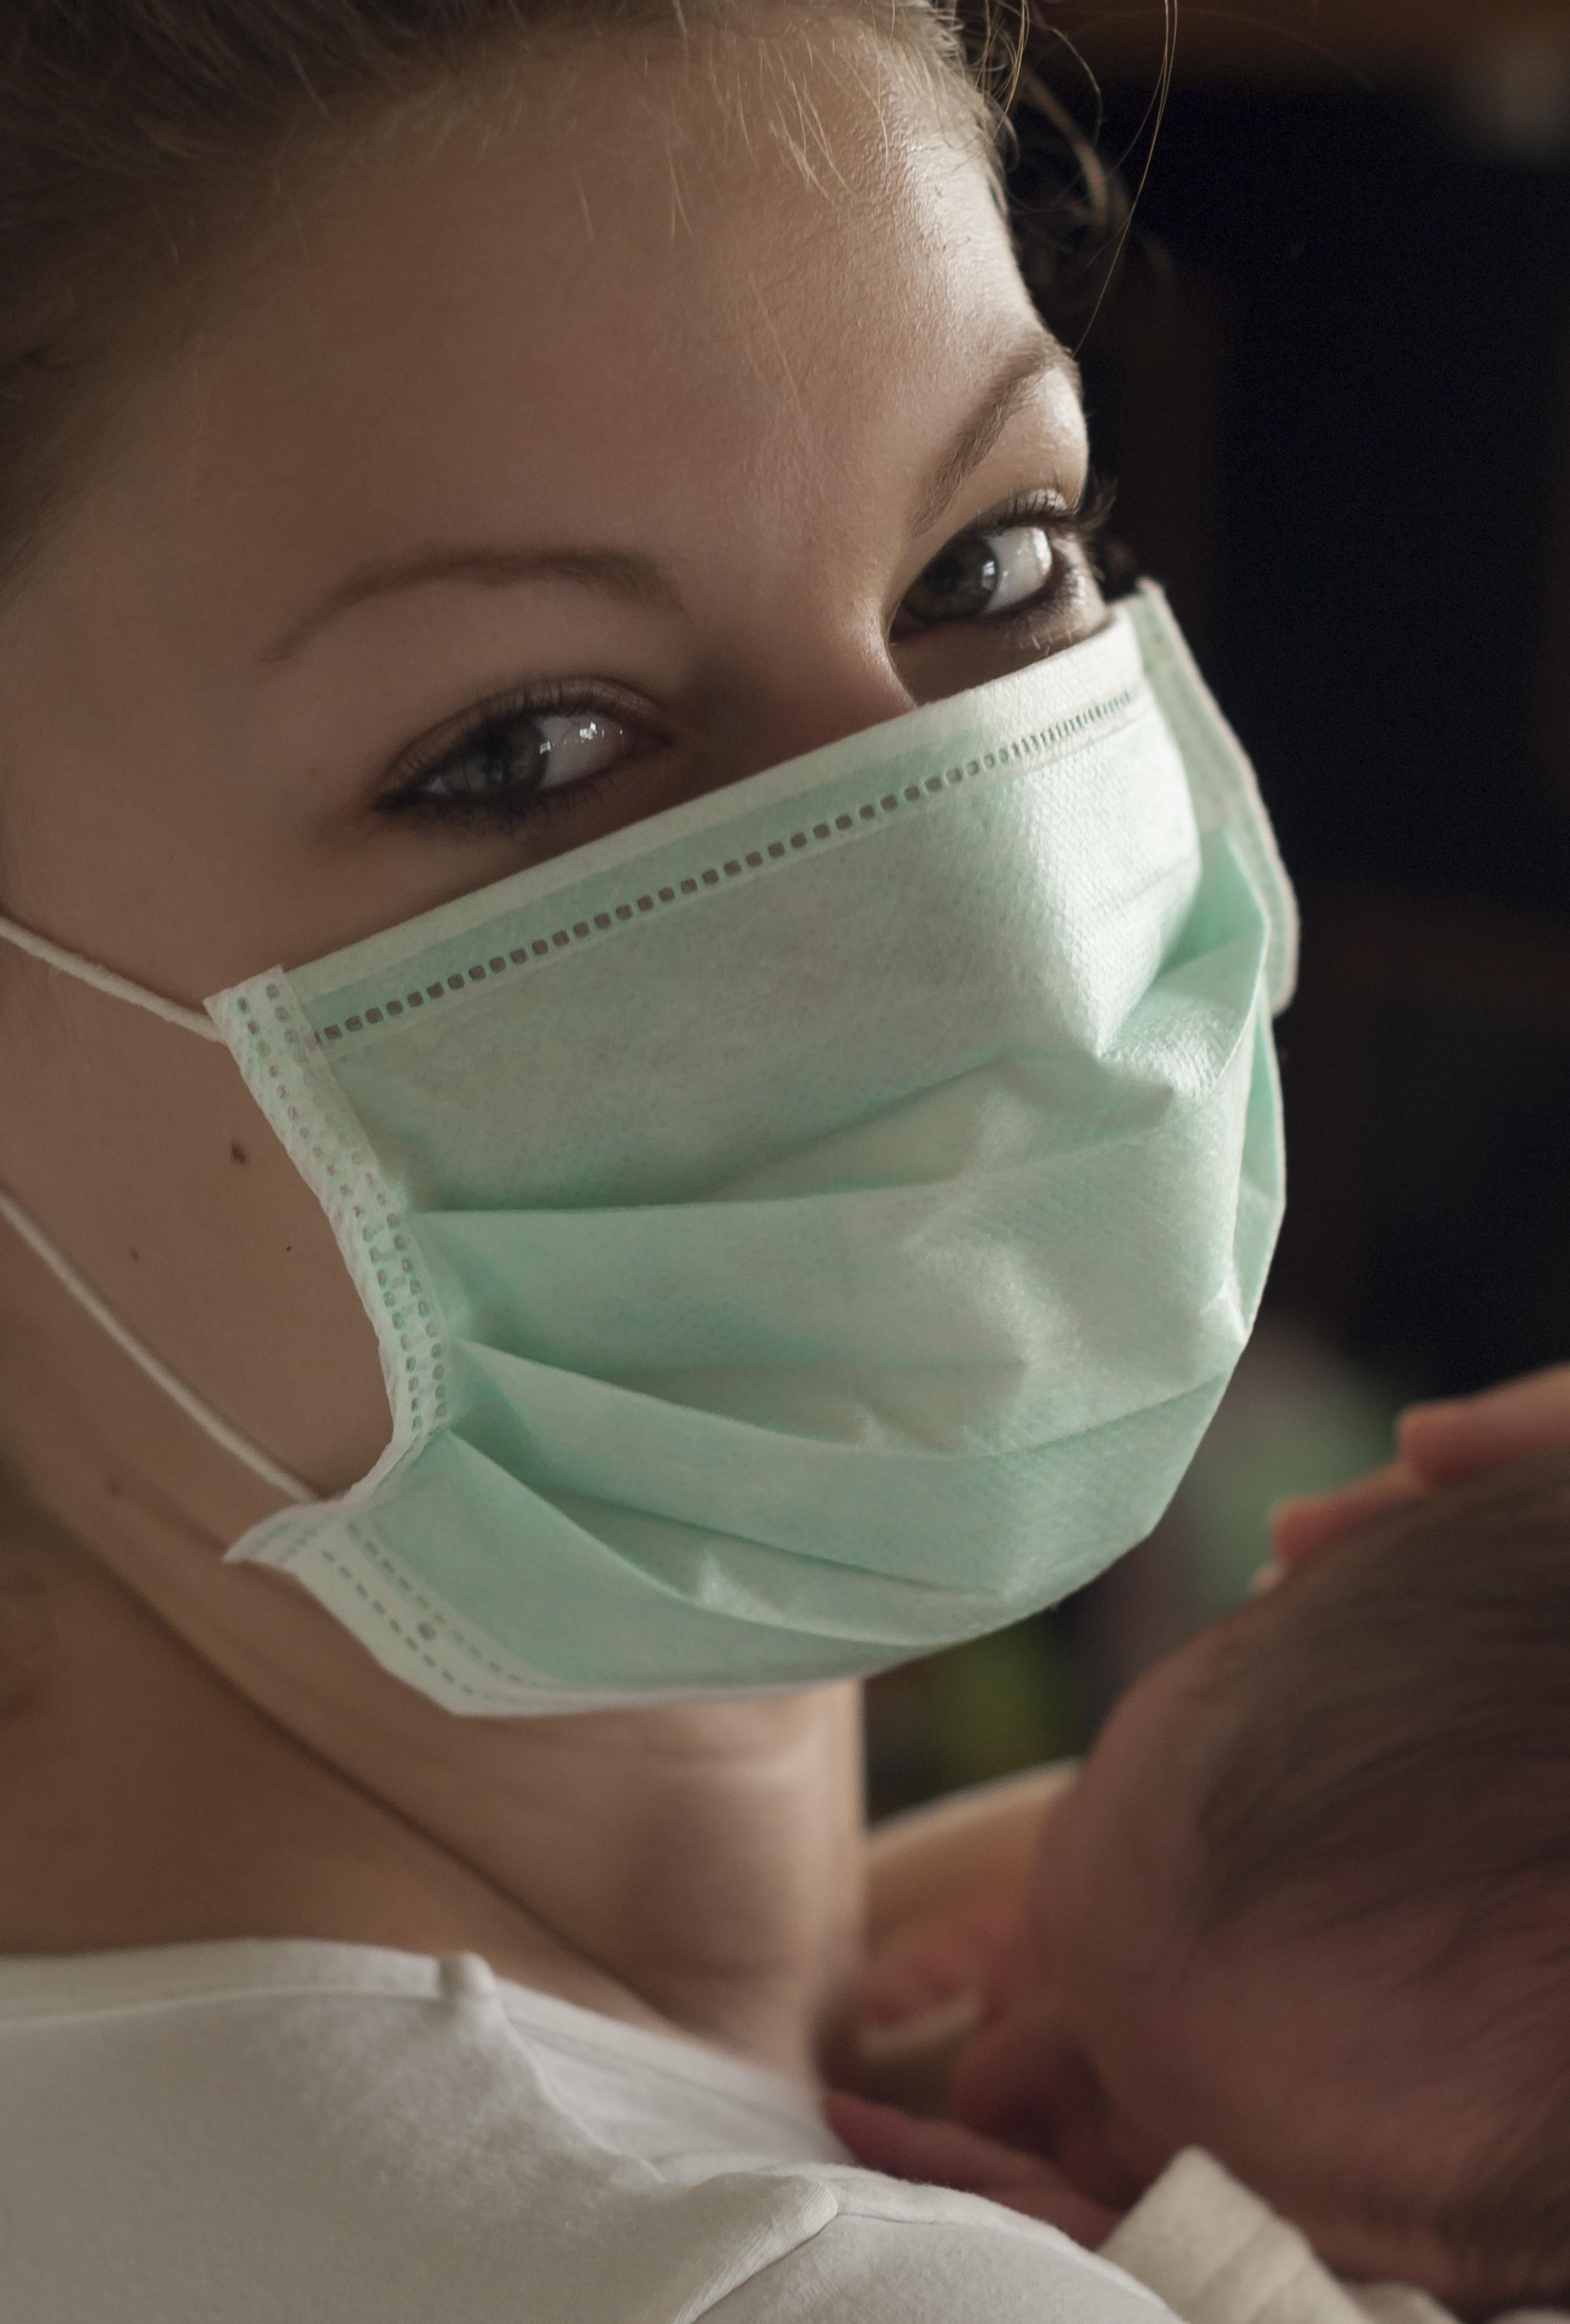 Unimonte cria curso inédito de Enfermagem em Obstetrícia e Neonatologia